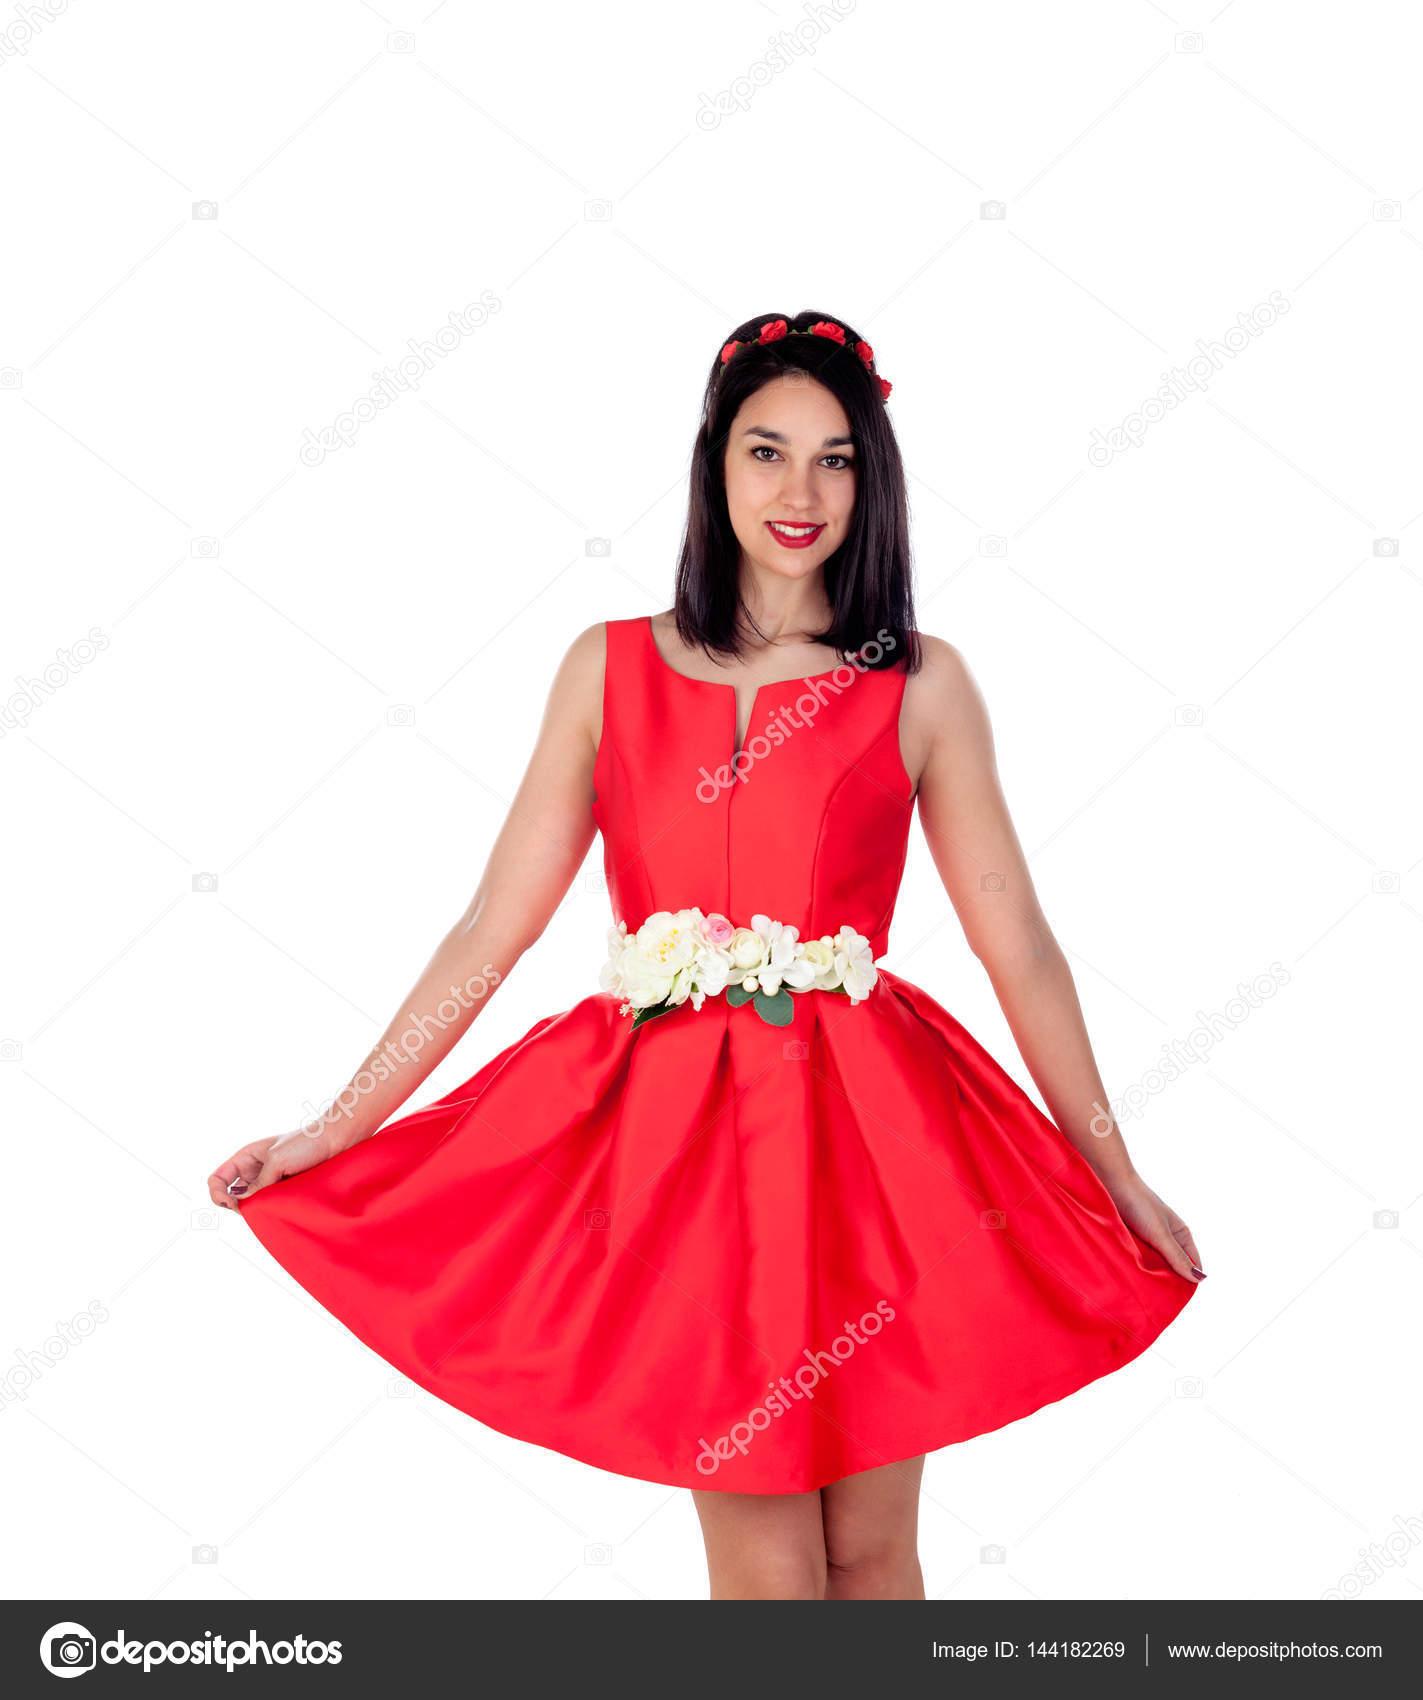 Mädchen mit roten Cocktailkleid — Stockfoto © Gelpi #144182269